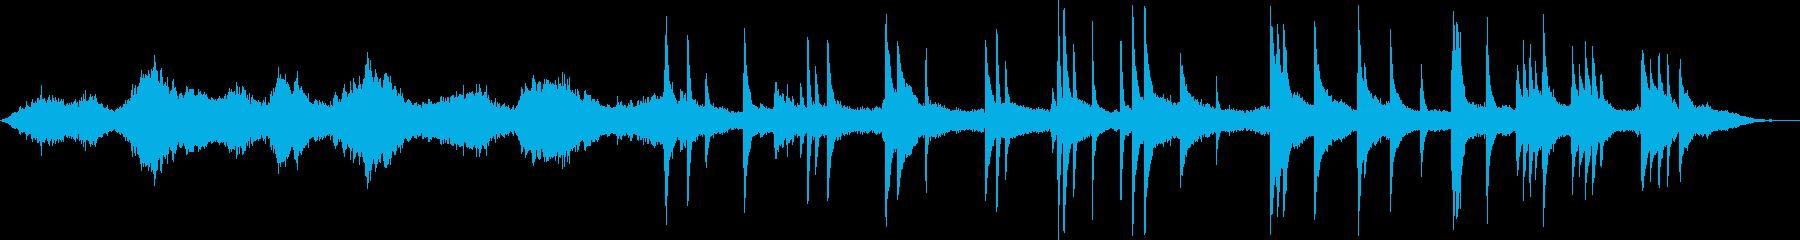 ホラー風シンセSEと悲しげなピアノの劇判の再生済みの波形